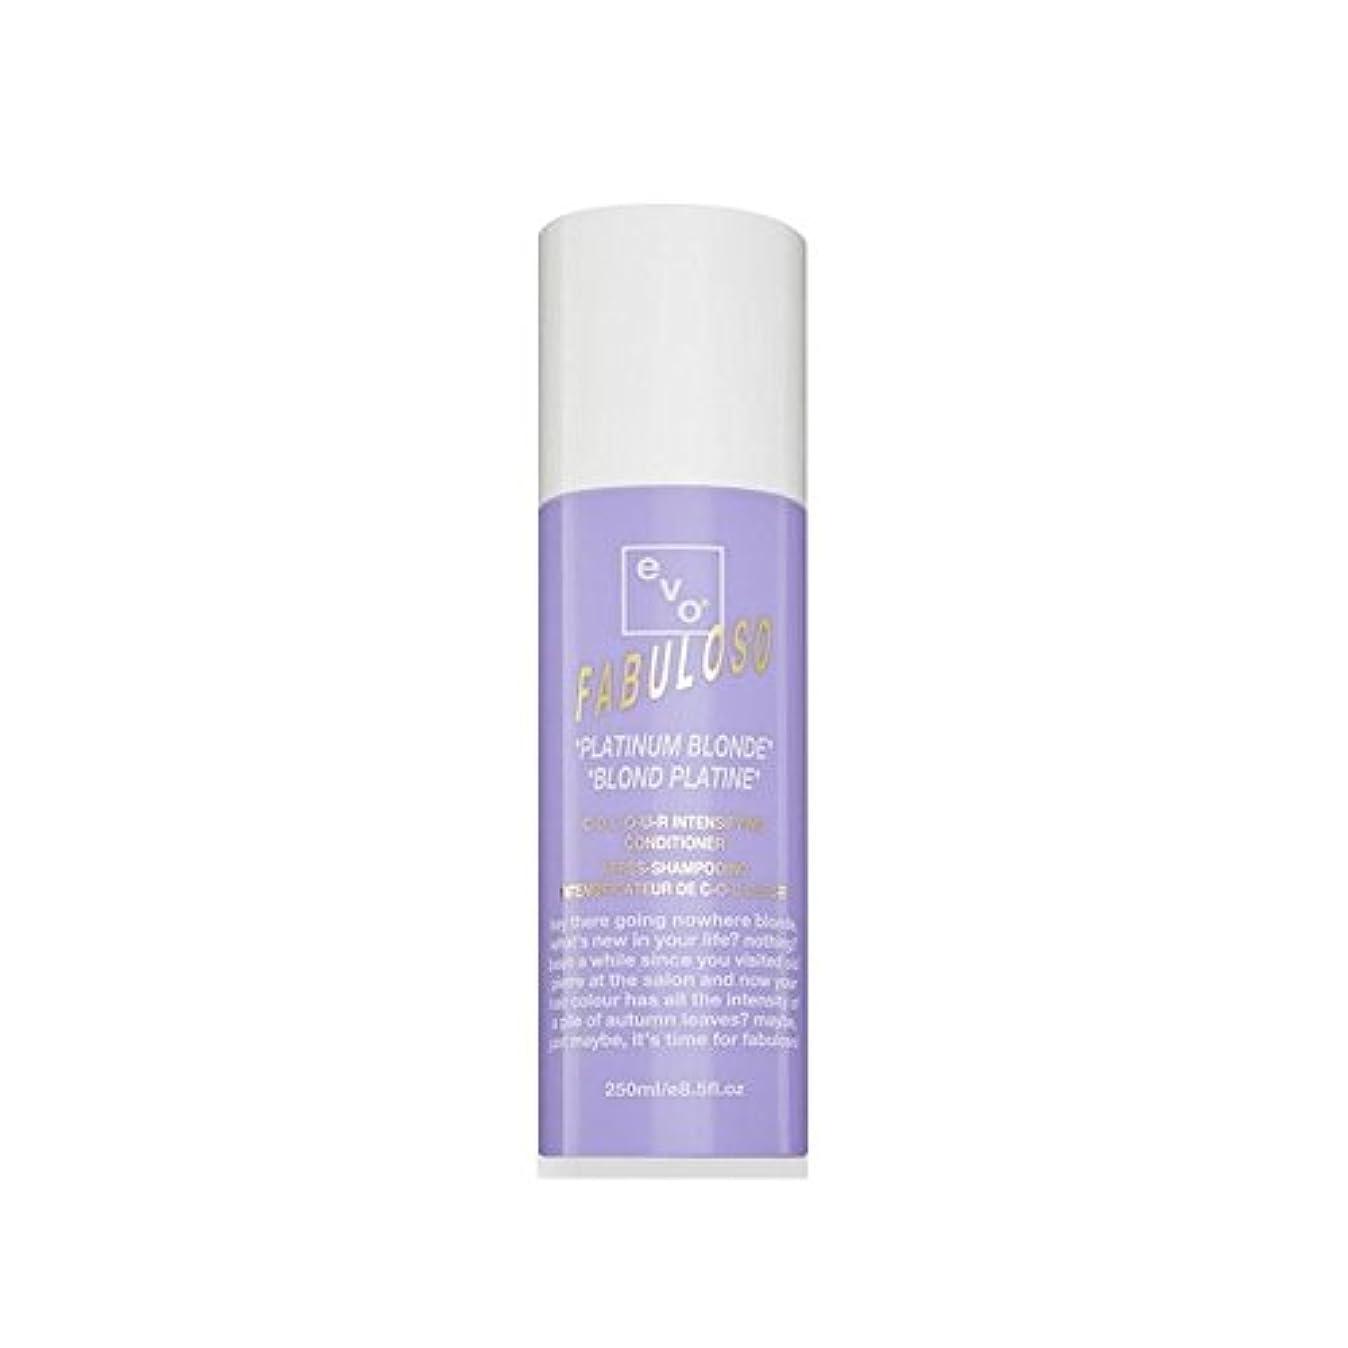 無効にするメンタリティ困惑Evo Fabuloso Colour Intensifying Conditioner Platinum Blonde (250ml) - 色増コンディショナープラチナブロンド(250ミリリットル) [並行輸入品]